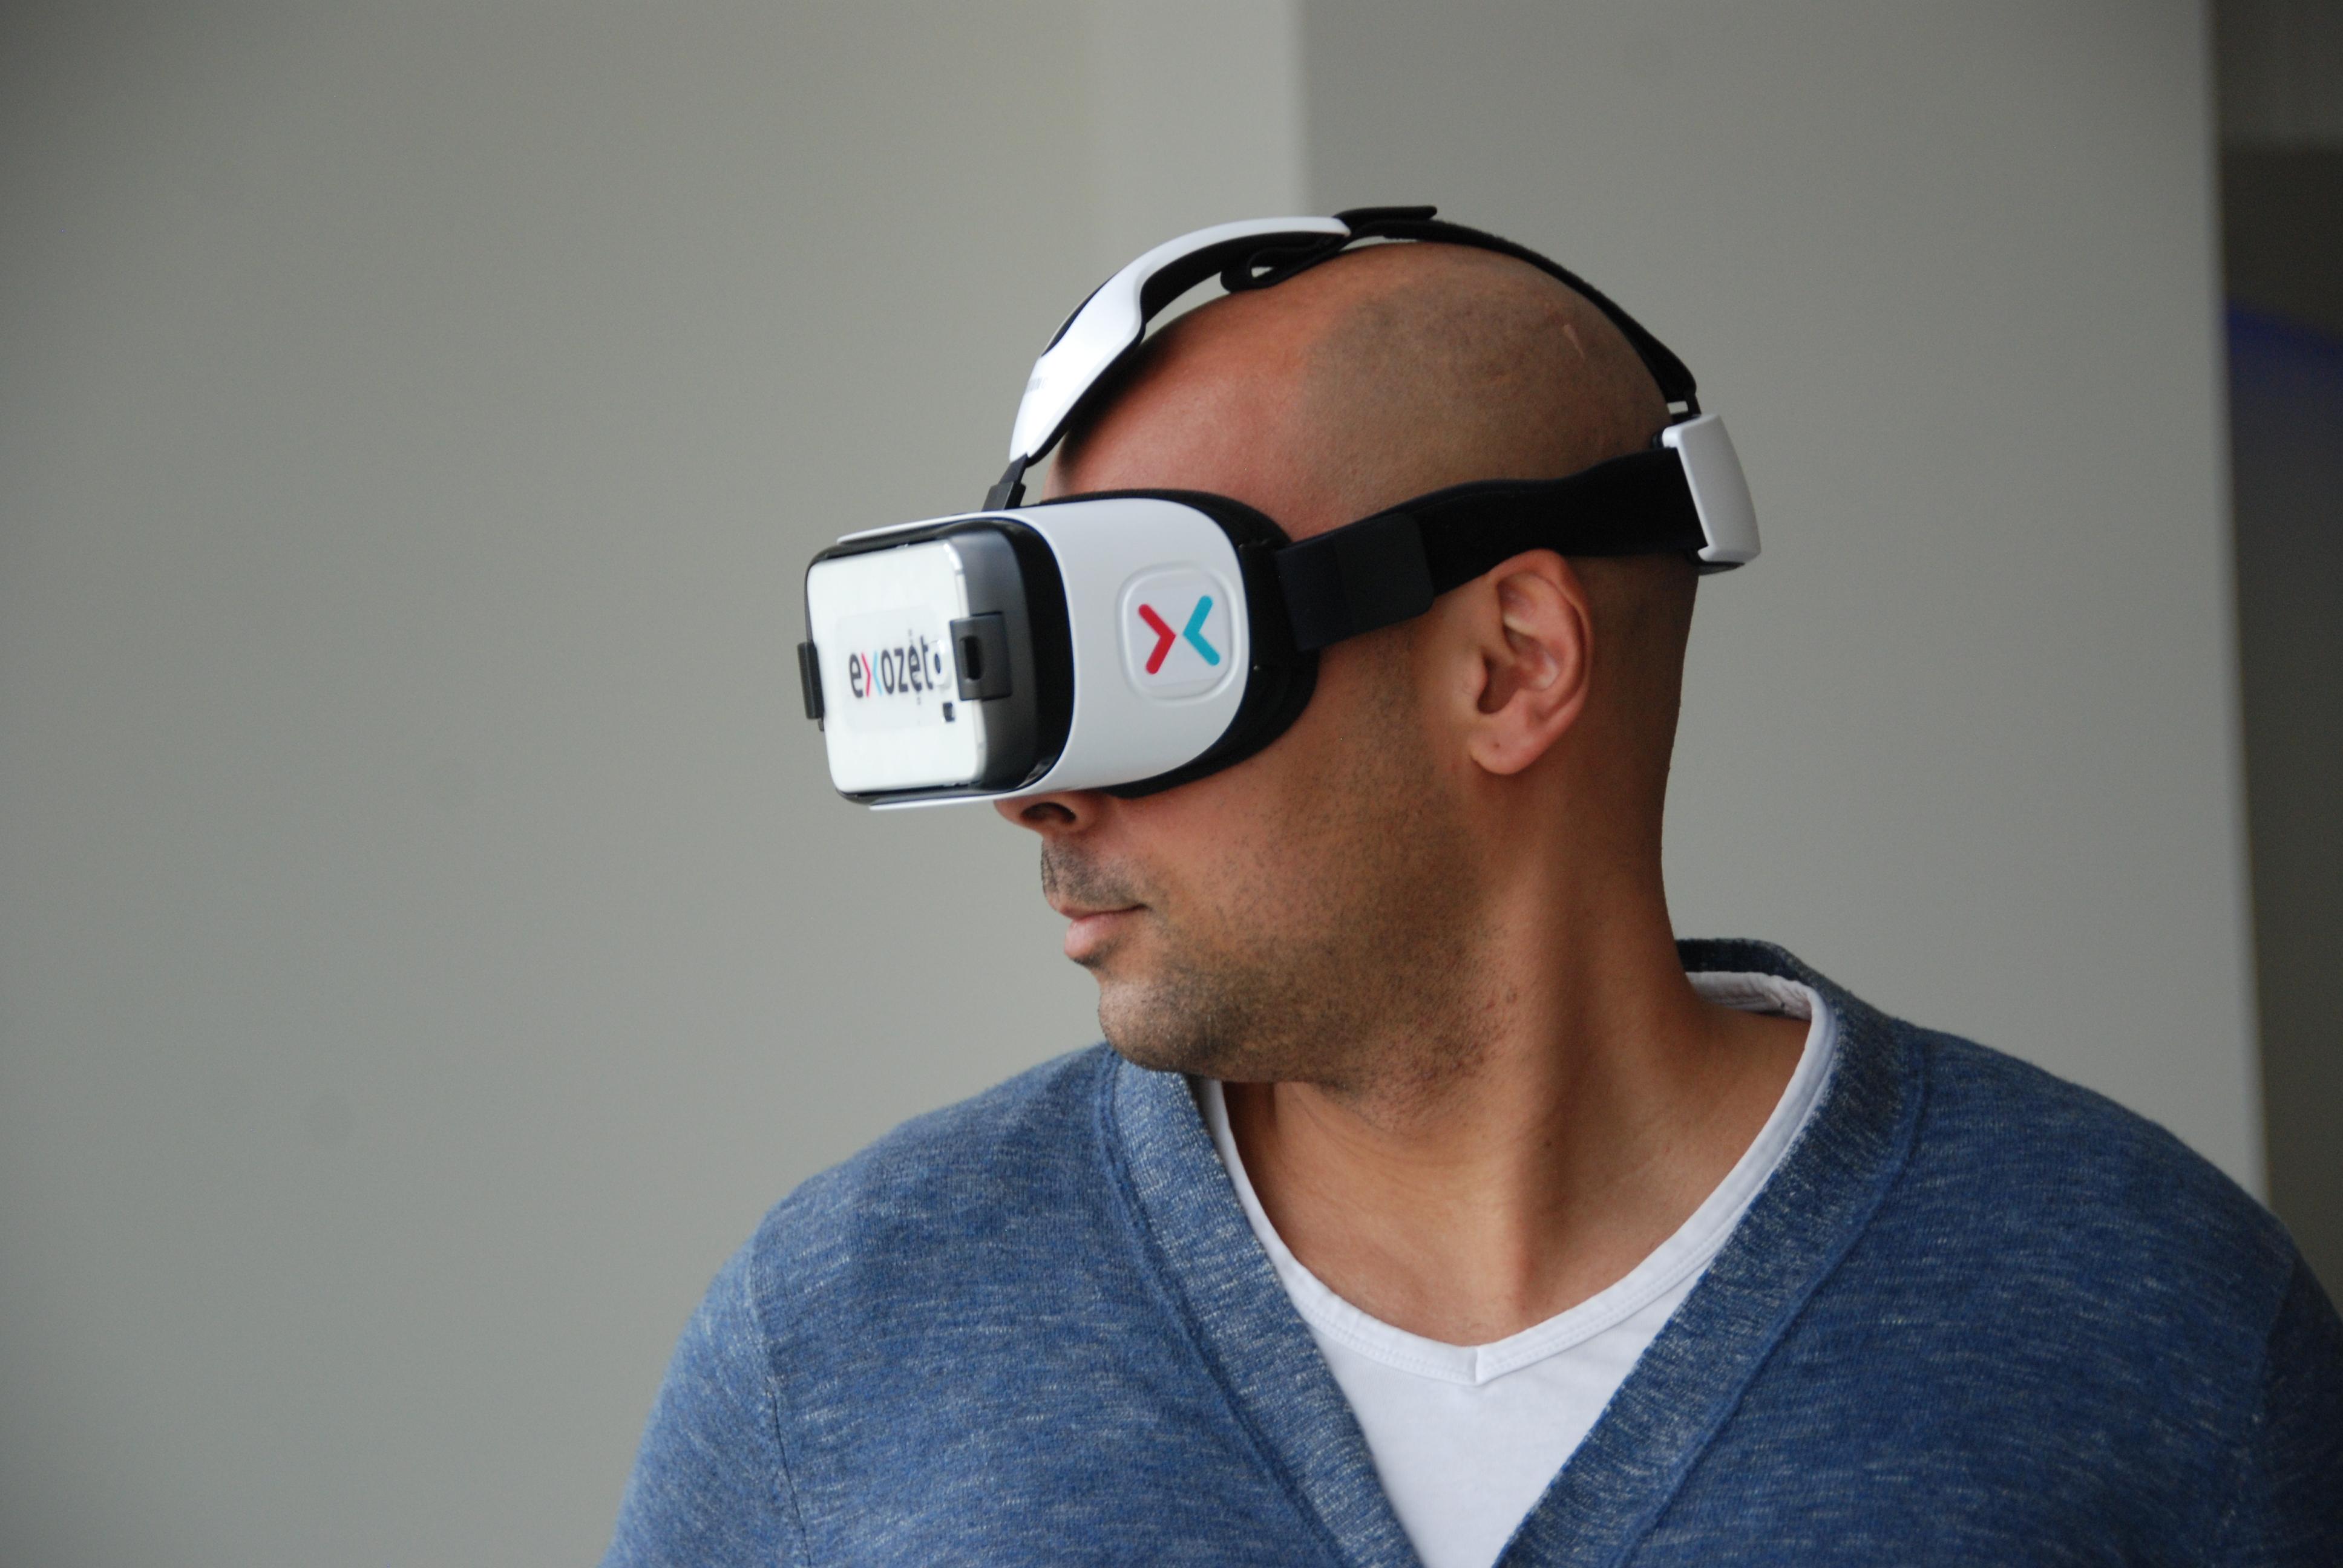 VR braucht neues Storytelling